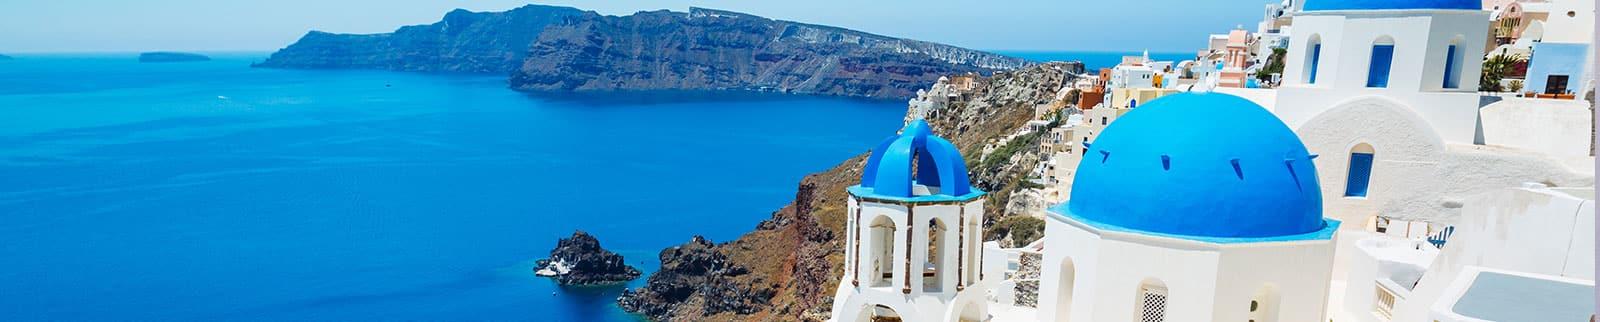 Cruceros a Grecia